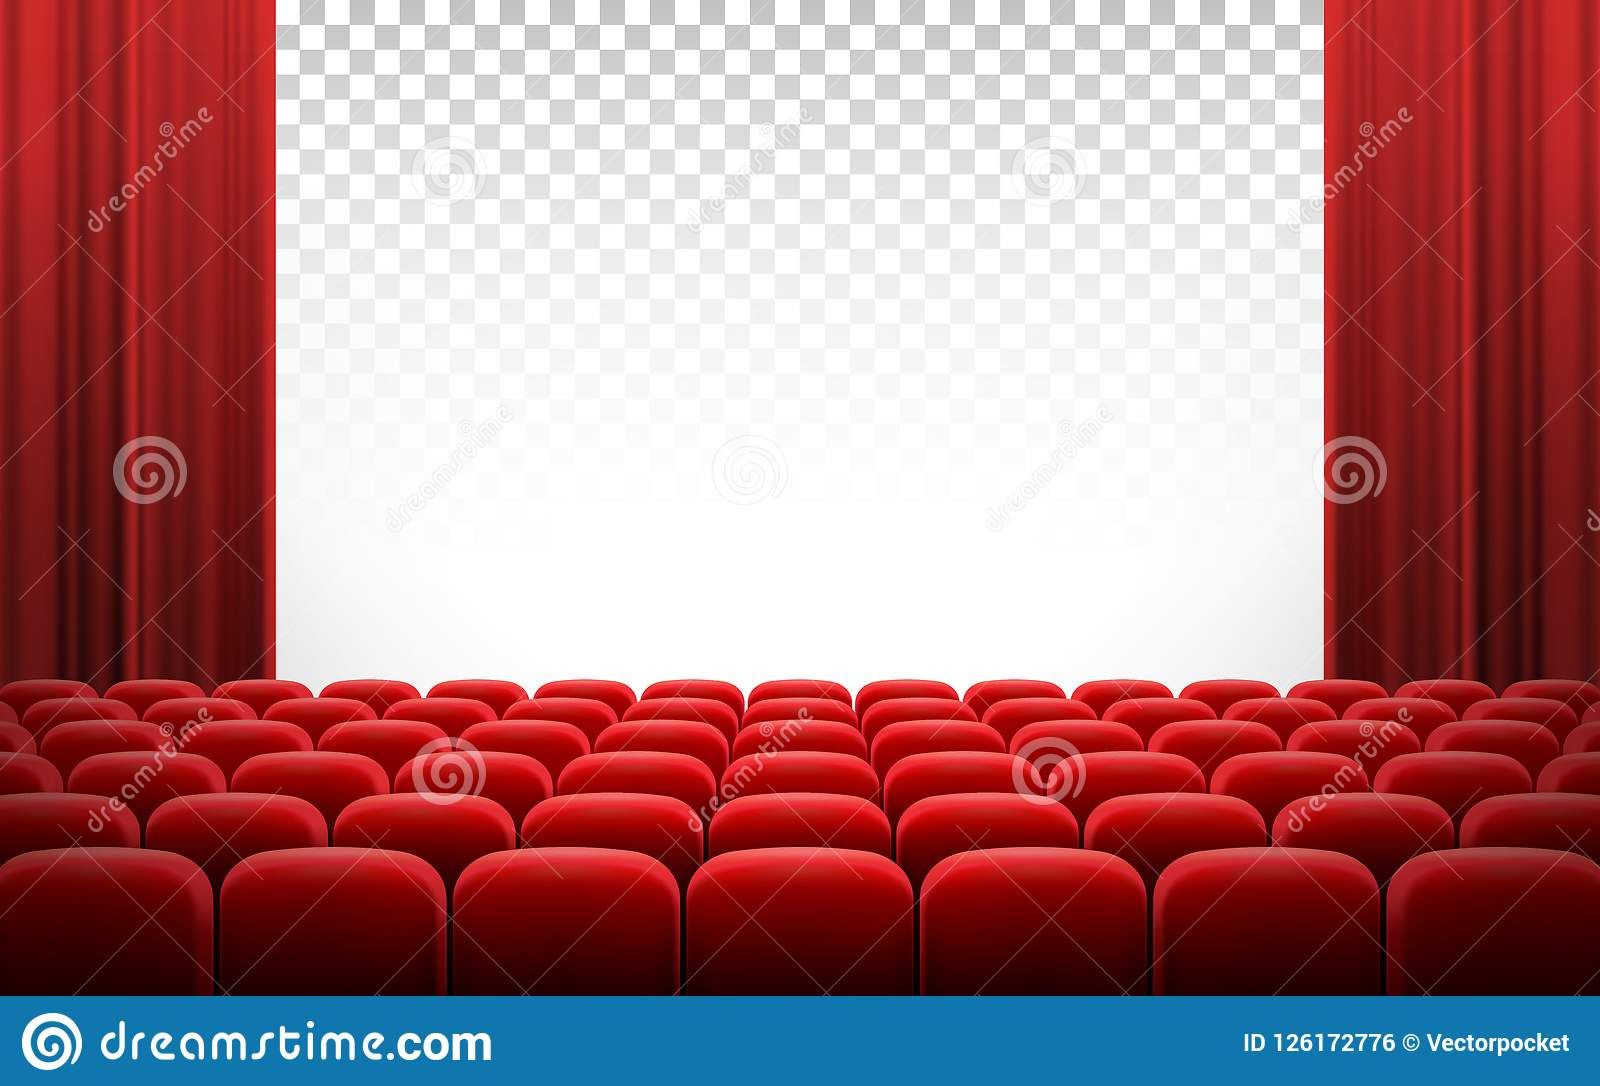 Sedie Rosse Trasparenti.Schermo Bianco Del Teatro Del Cinema Con Le Tende E Le Sedie